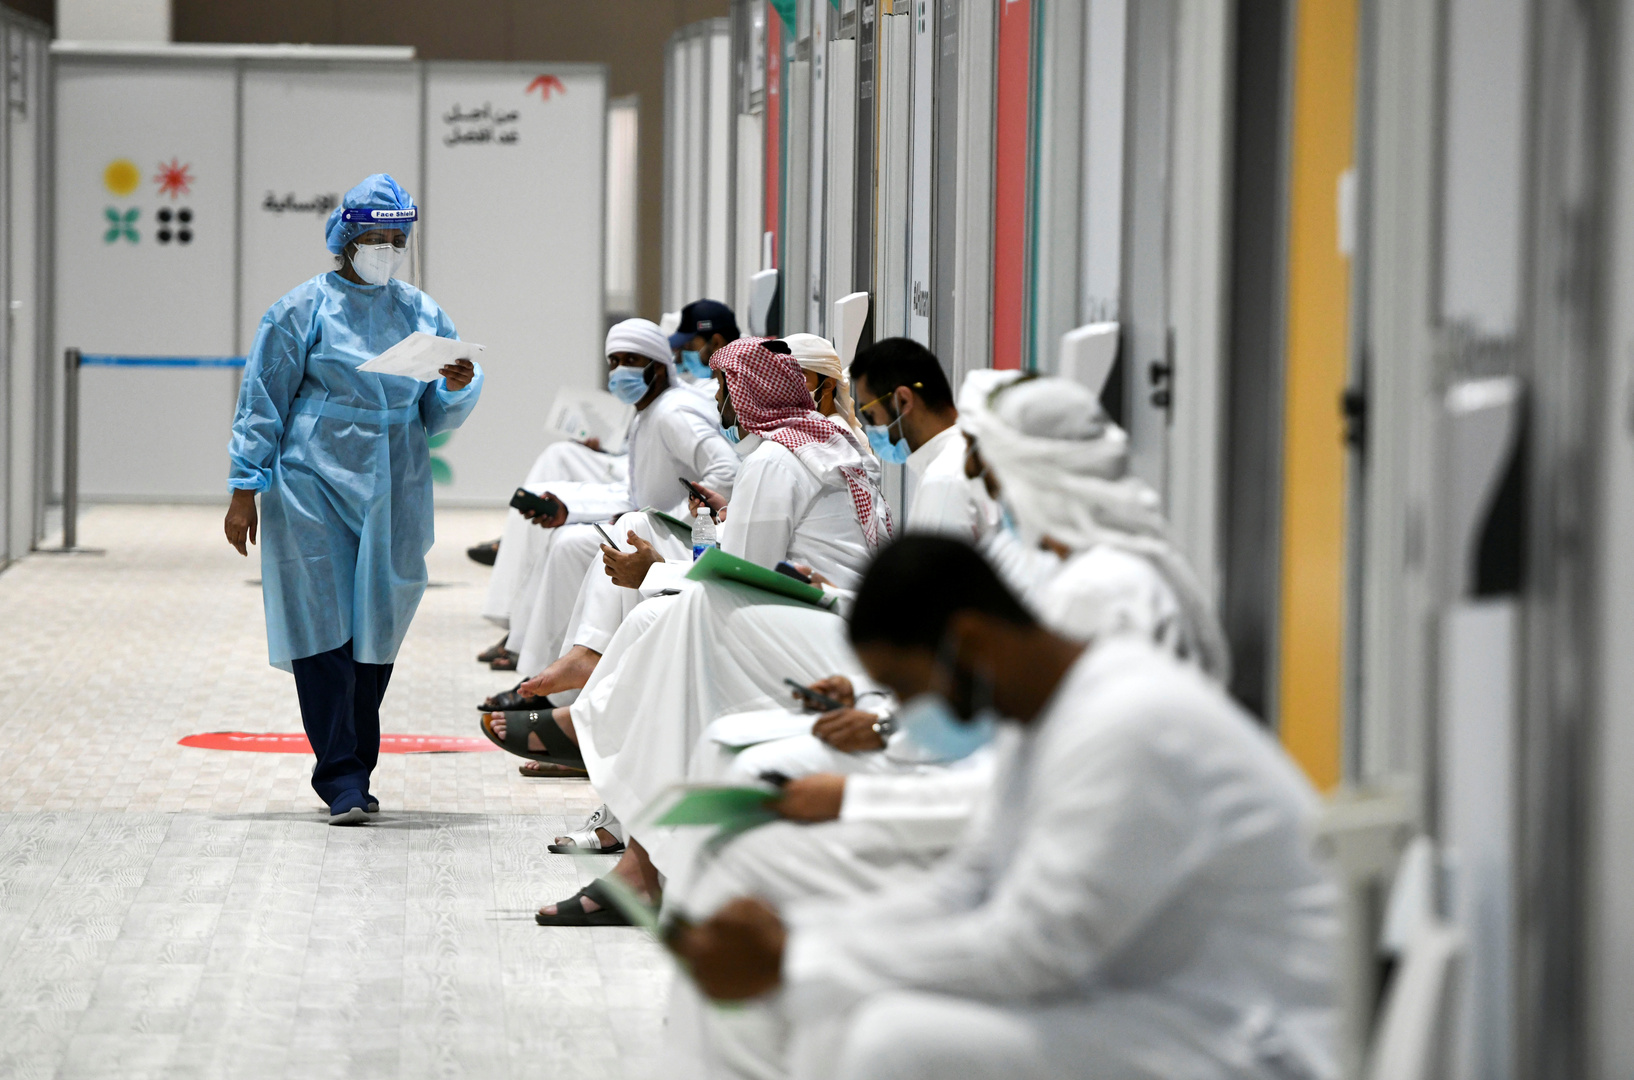 الإمارات: تطعيم نحو 92% من السكان المؤهلين بلقاحات ضد كورونا